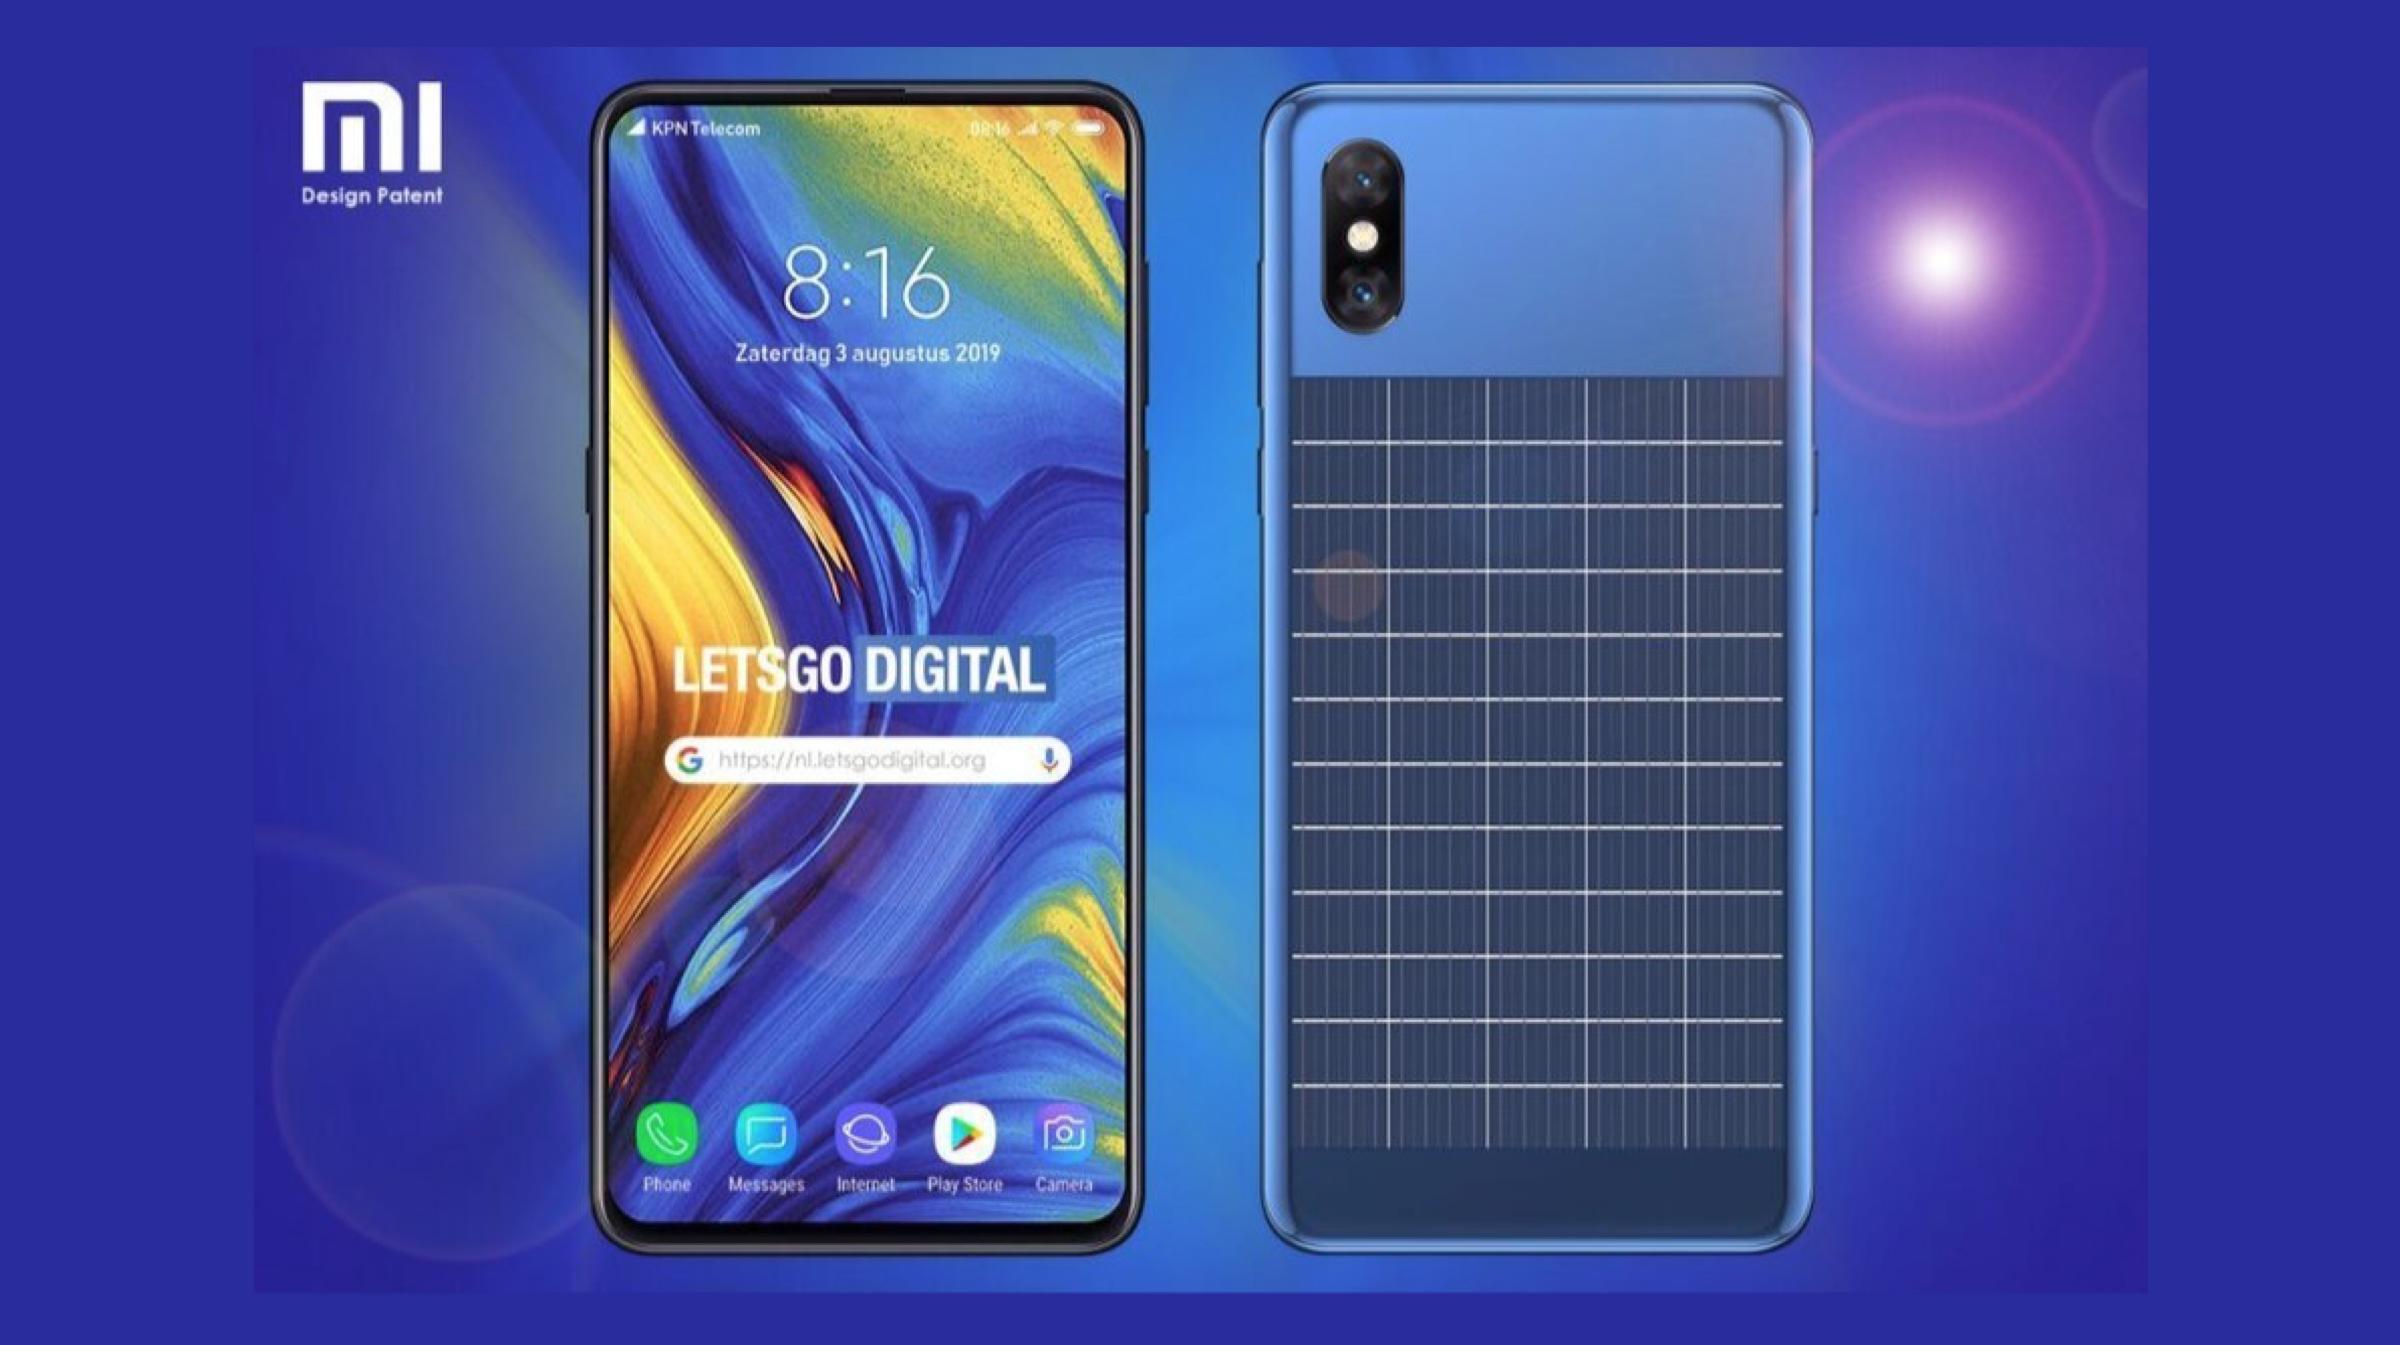 Xiaomi entwickelt ein Smartphone mit Solarpanel